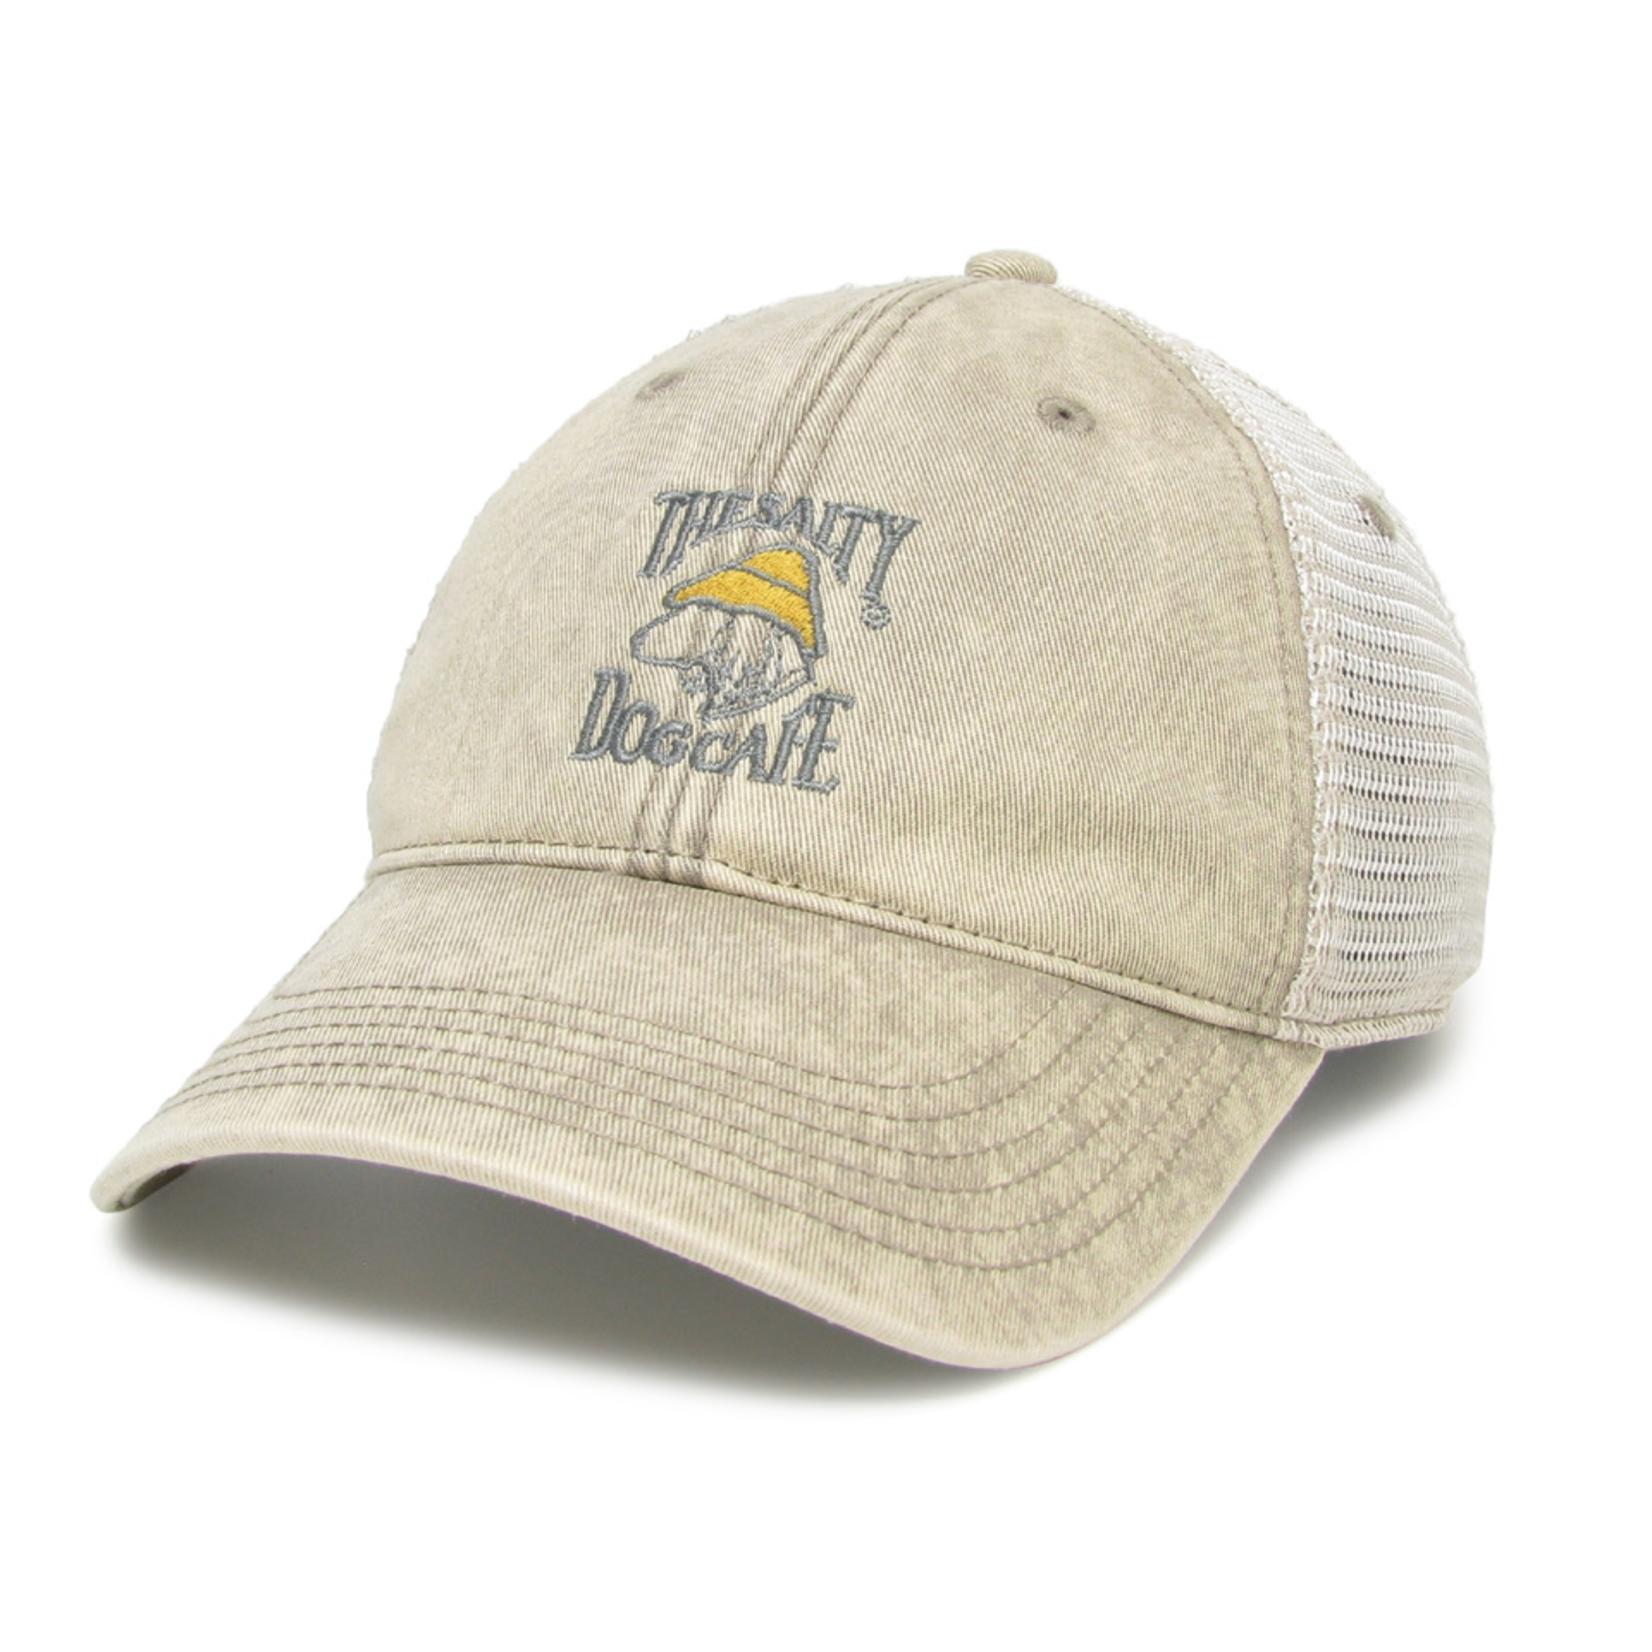 Hat - Washed Denim Trucker, Stone